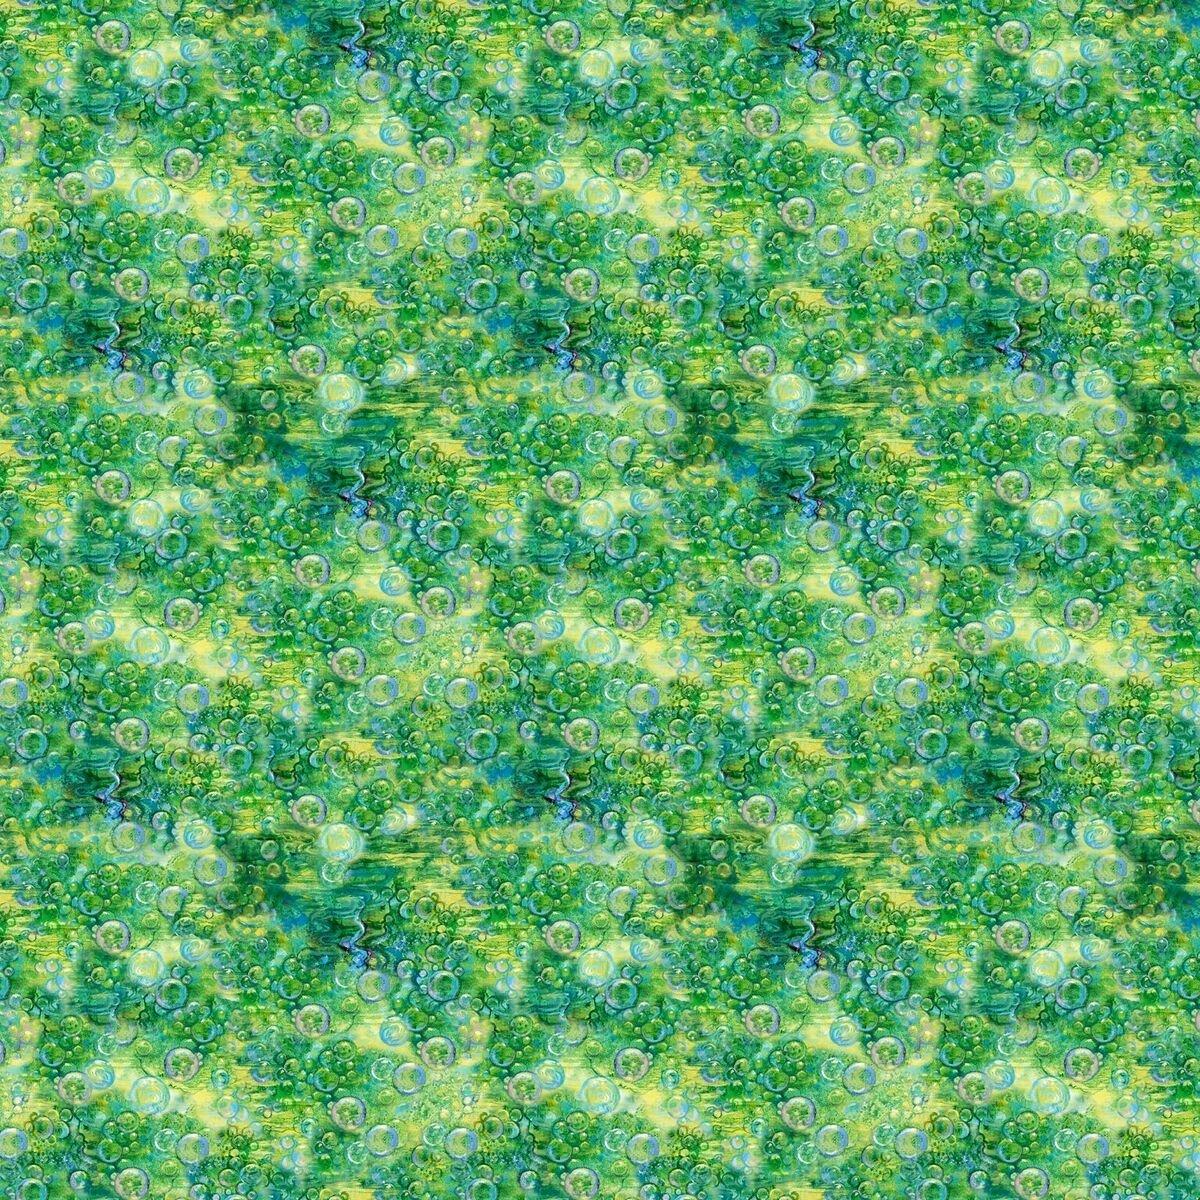 Mystic Ocean 14608 Bubbles